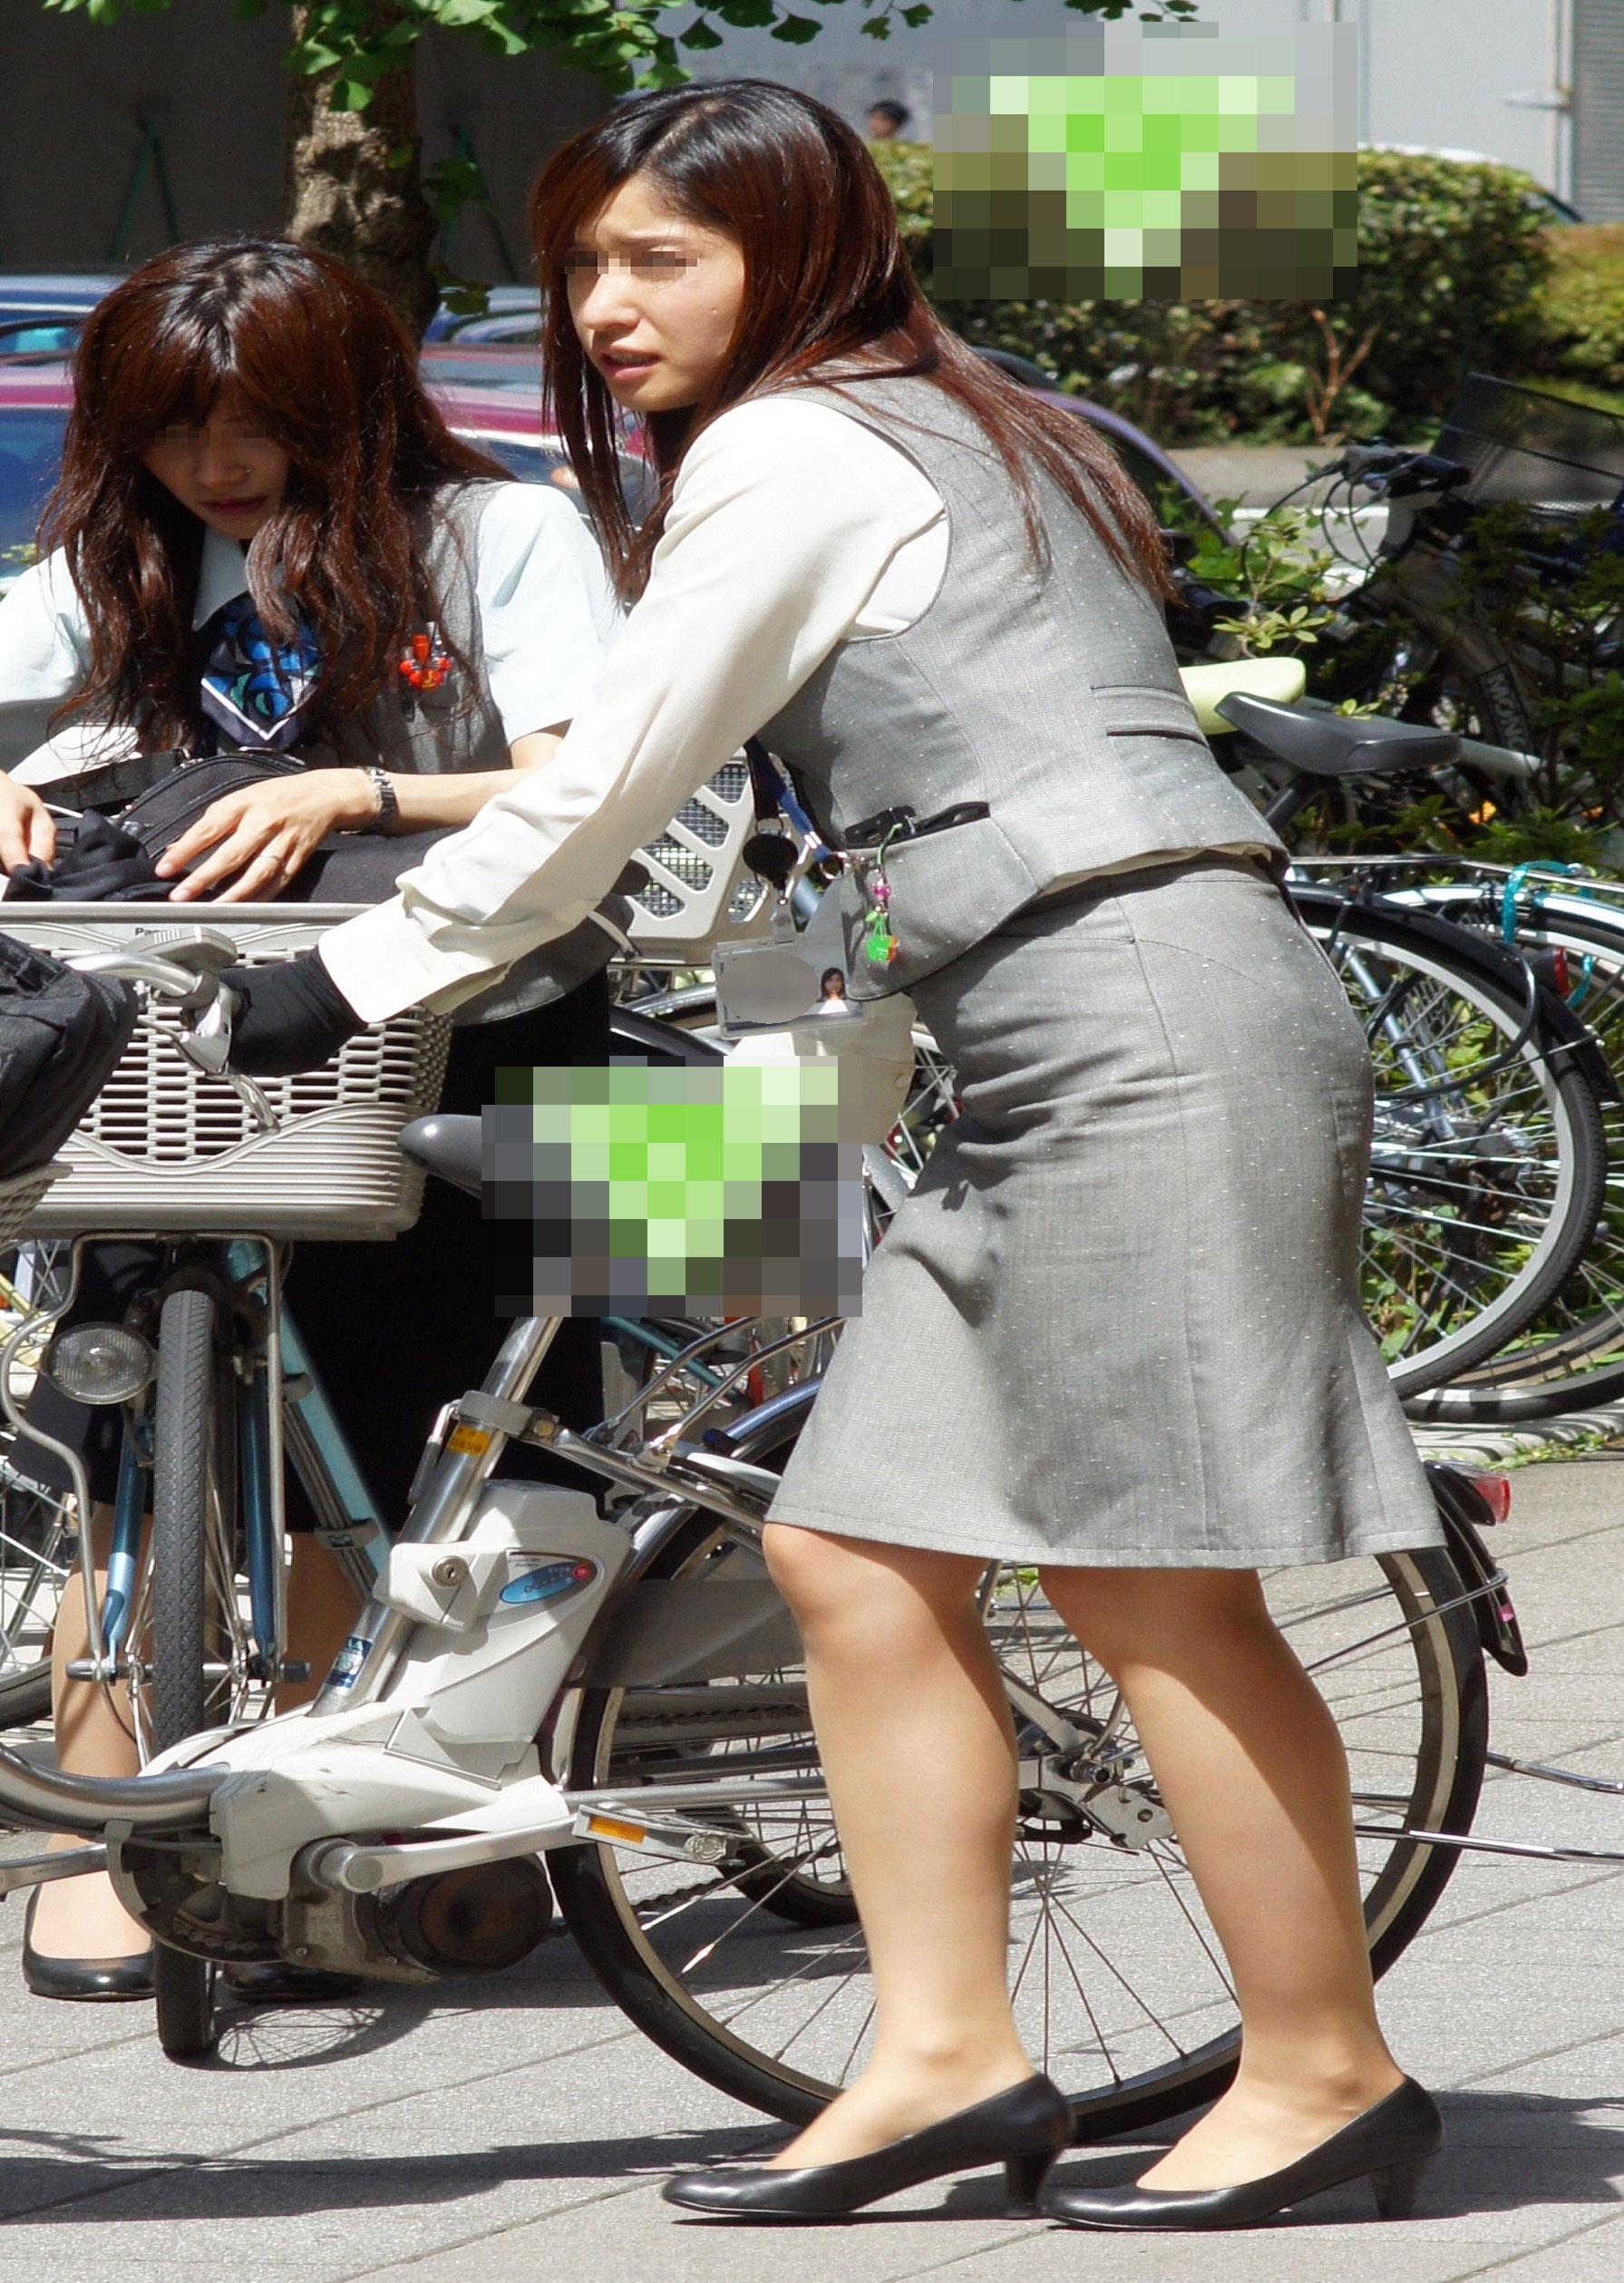 タイトスカートのお尻にパンスト足パンチラの自転車OL12枚目